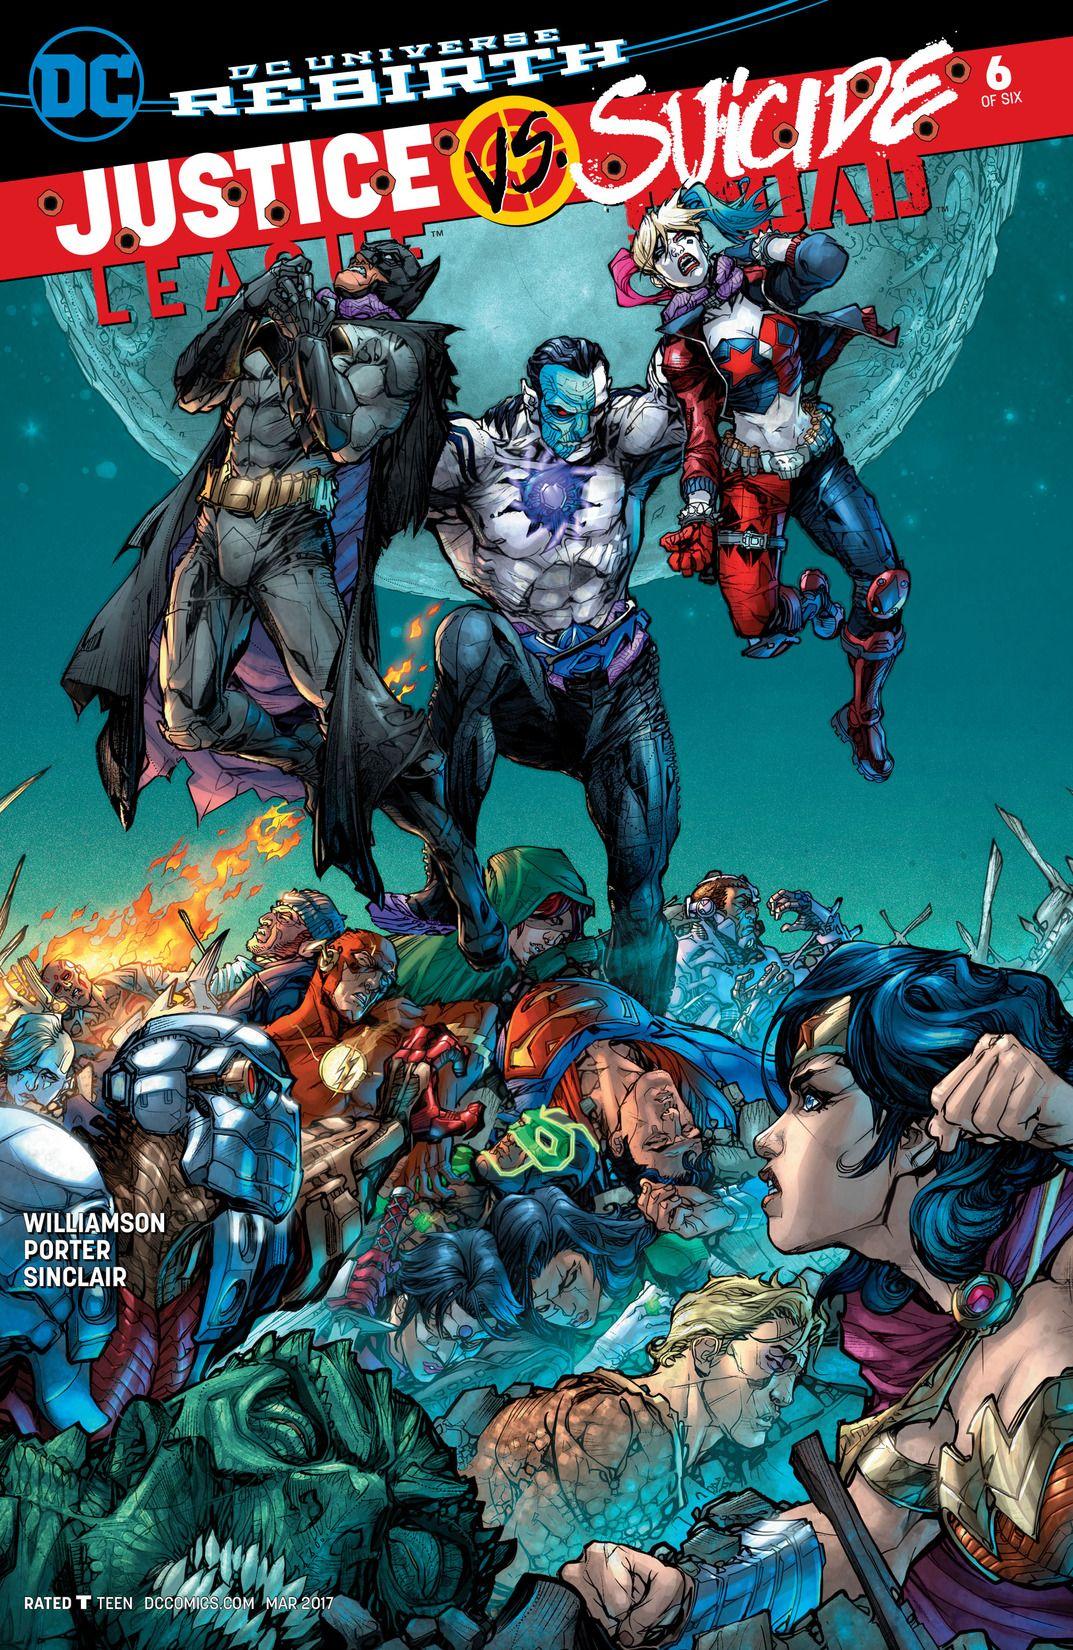 Justice League vs. Suicide Squad Vol 1 6